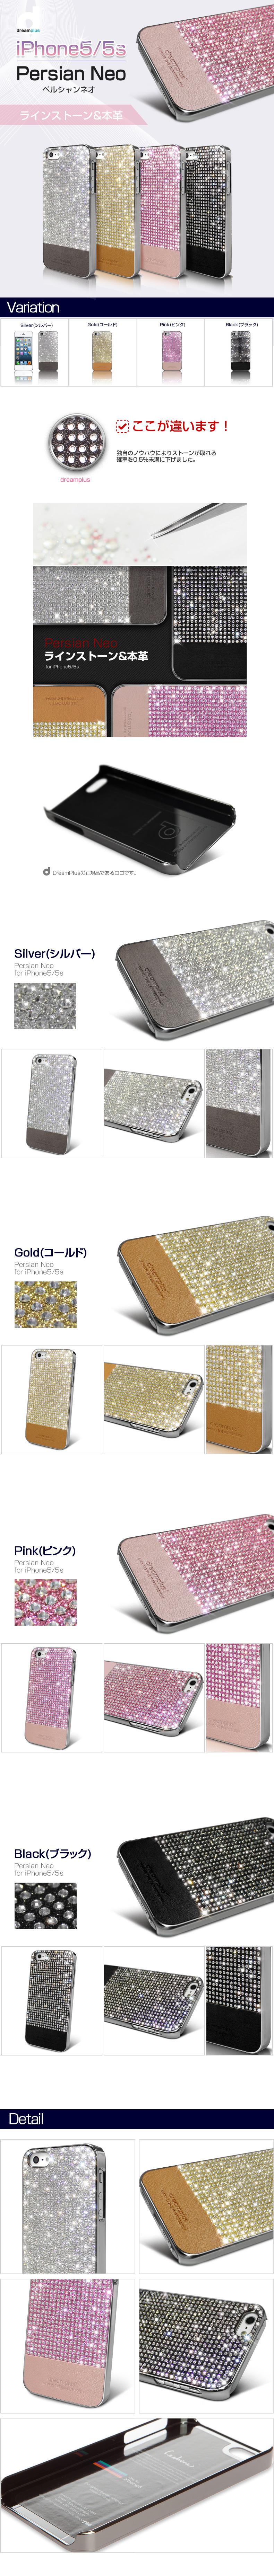 iPhone5/5sケースペルシャンネオ